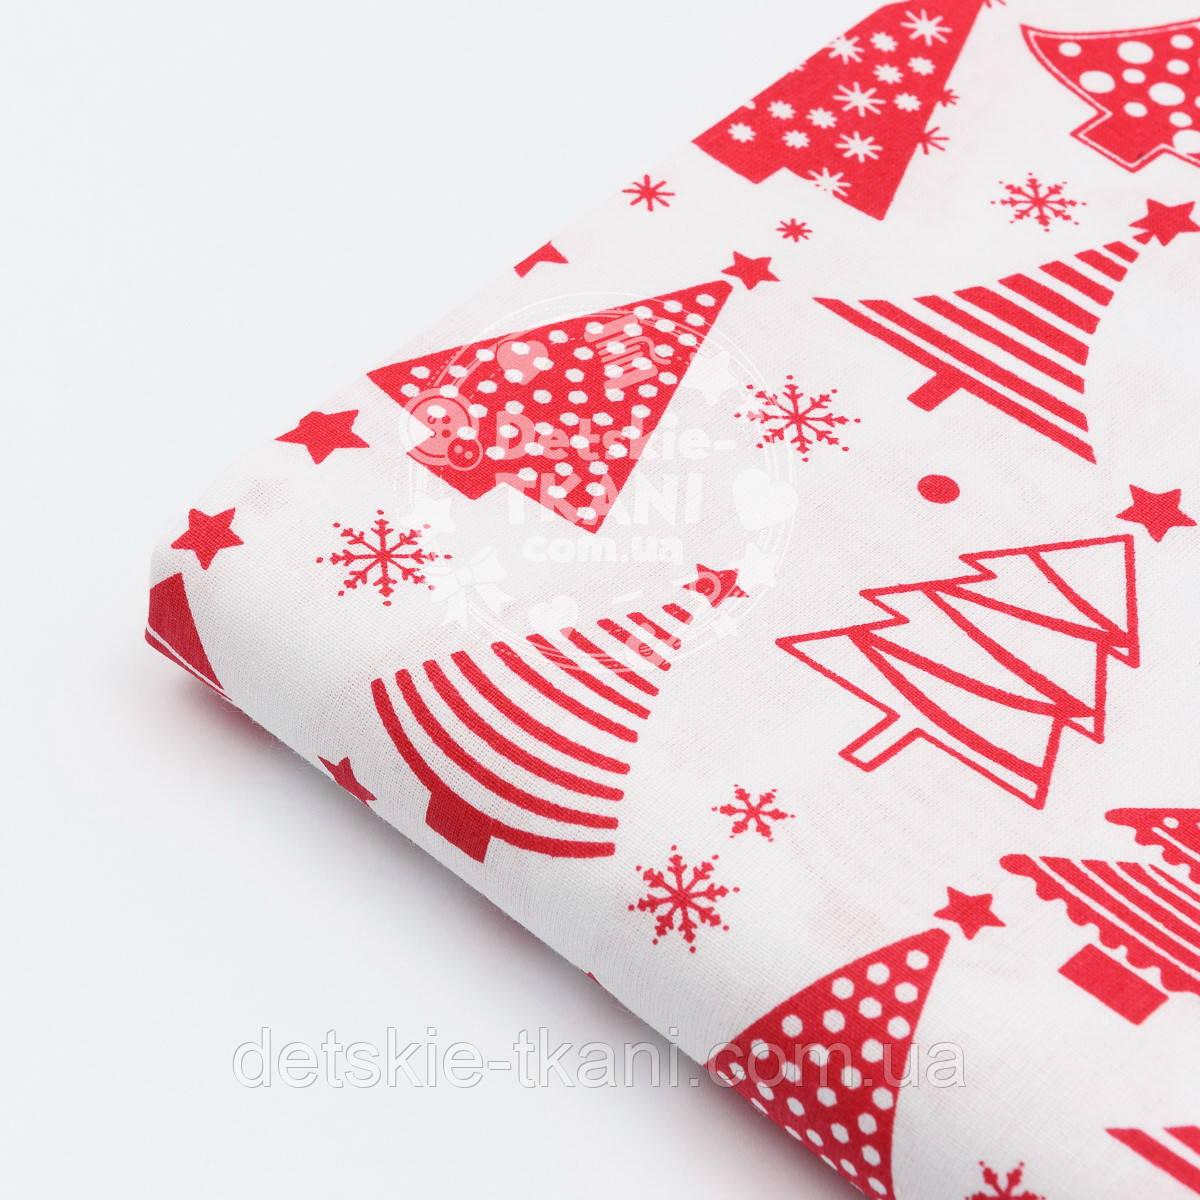 """Лоскут ткани 1102  """"Ёлки разной формы"""" красные на белом фоне, размер 53*53 см"""